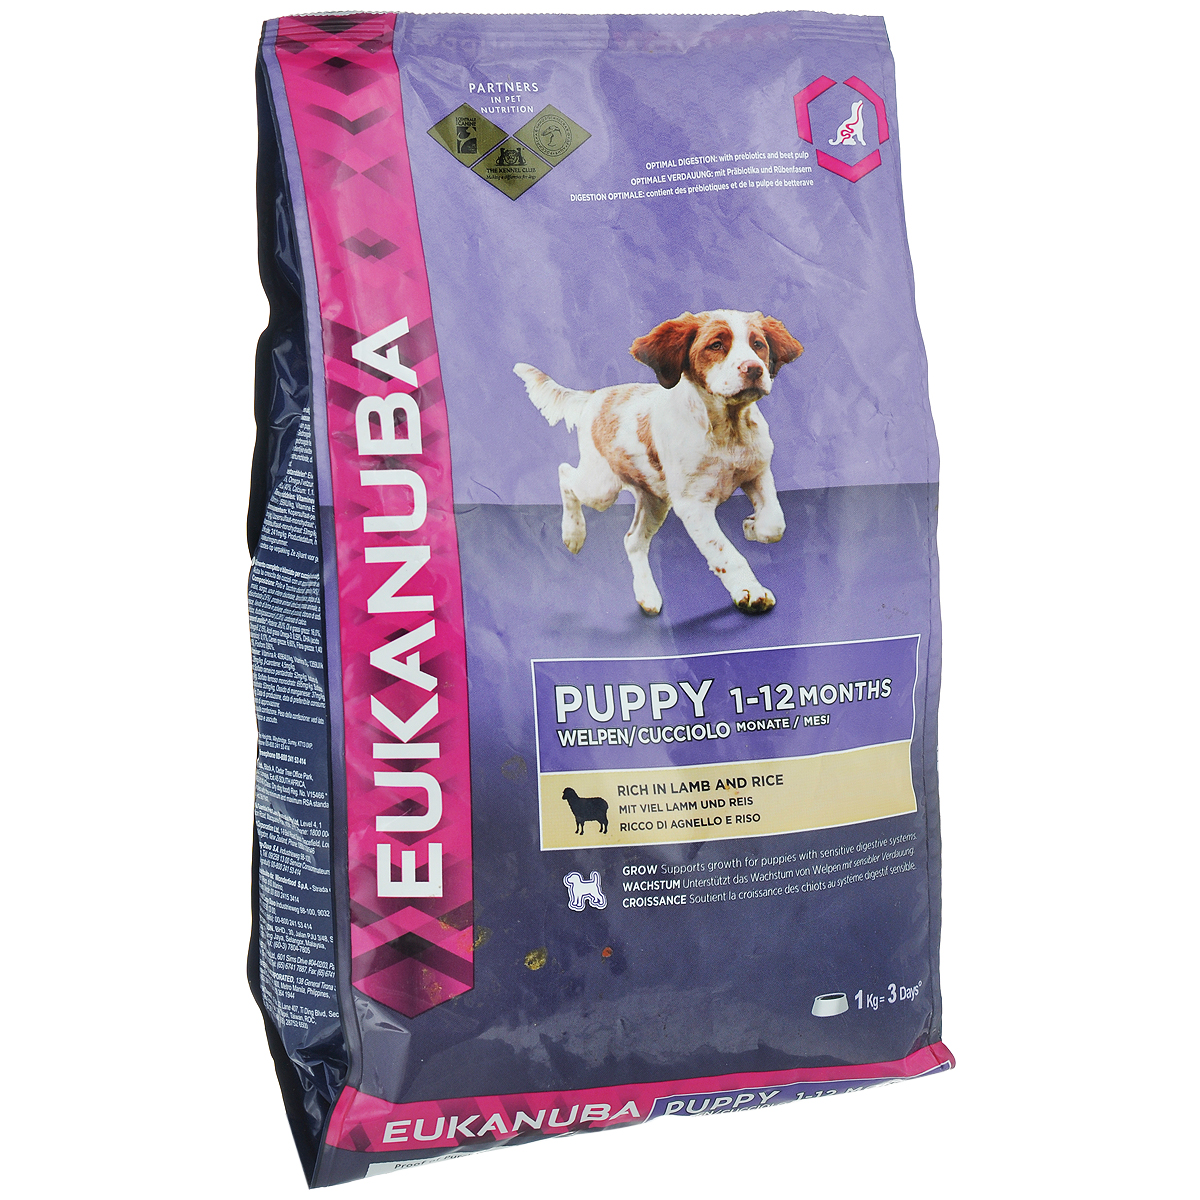 Корм сухой Eukanuba для щенков всех пород, с ягненком и рисом, 1 кг81057238Сухой корм Eukanuba является полноценным сбалансированным питанием для щенков всех пород. Корм Eukanuba заботится о здоровье вашего любимца.Особенности корма Eukanuba:- благодаря большому содержанию мяса ягненка содействует построению и сохранению мускулатуры для наилучшей физической формы;- важный антиоксидант поддерживает естественную защиту организма вашего щенка;- пребиотики и пульпа сахарной свеклы способствуют поддержанию здорового пищеварения путем обеспечения нормального функционирования кишечника; - оптимальное соотношение омега-6 и омега-3 жирных кислот помогает укреплять здоровье кожи и шерсти; - кальций способствует укреплению костей; - животные белки способствуют укреплению и поддержанию тонуса мышц;- ДГК стимулирует познавательность и обучаемость щенков.Сухой корм Eukanuba содержит только натуральные компоненты, которые необходимы для полноценного и здорового питания домашних животных. Корма от фирмы Eukanuba положительно зарекомендовали себя на российском рынке еще и потому, что они не содержат никаких красителей и ароматизаторов, а сбалансированное содержание всех необходимых витаминов и минералов избавляет вас от необходимости давать вашему любимцу дополнительные добавки к пище.Характеристики: Состав: сублимированное мясо курицы и индейки, мясо ягненка 14%, рис 14%, кукуруза, сорго, сухое цельное яйцо, рыбная мука, сушеная свекольная масса 2,6%, животный жир, гидролизат белка животного происхождения, сухие пивные дрожжи, рыбий жир, хлорид калия, поваренная соль, кальция гидрогенфосфат, фруктоолигосахариды 0,26%, карбонат кальция.Пищевая ценность: протеин 28%, жир 16%, жирные кислоты Омега-6 2,19%, жирные кислоты Омега-3 0,47%, DHA 0,17%, влажность 8%, минералы 6,6%, клетчатка 1,4%, кальций 1,4%, фосфор 0,9%.Добавки на 1 кг: витамин А 40964 МЕ, витамин Д3 1359 МЕ, витамин Е 228 мг, бета-каротин 4,5 мг, моногидрат основного карбоната кобальта 0,55 мг, пентагидрат сульфата меди 